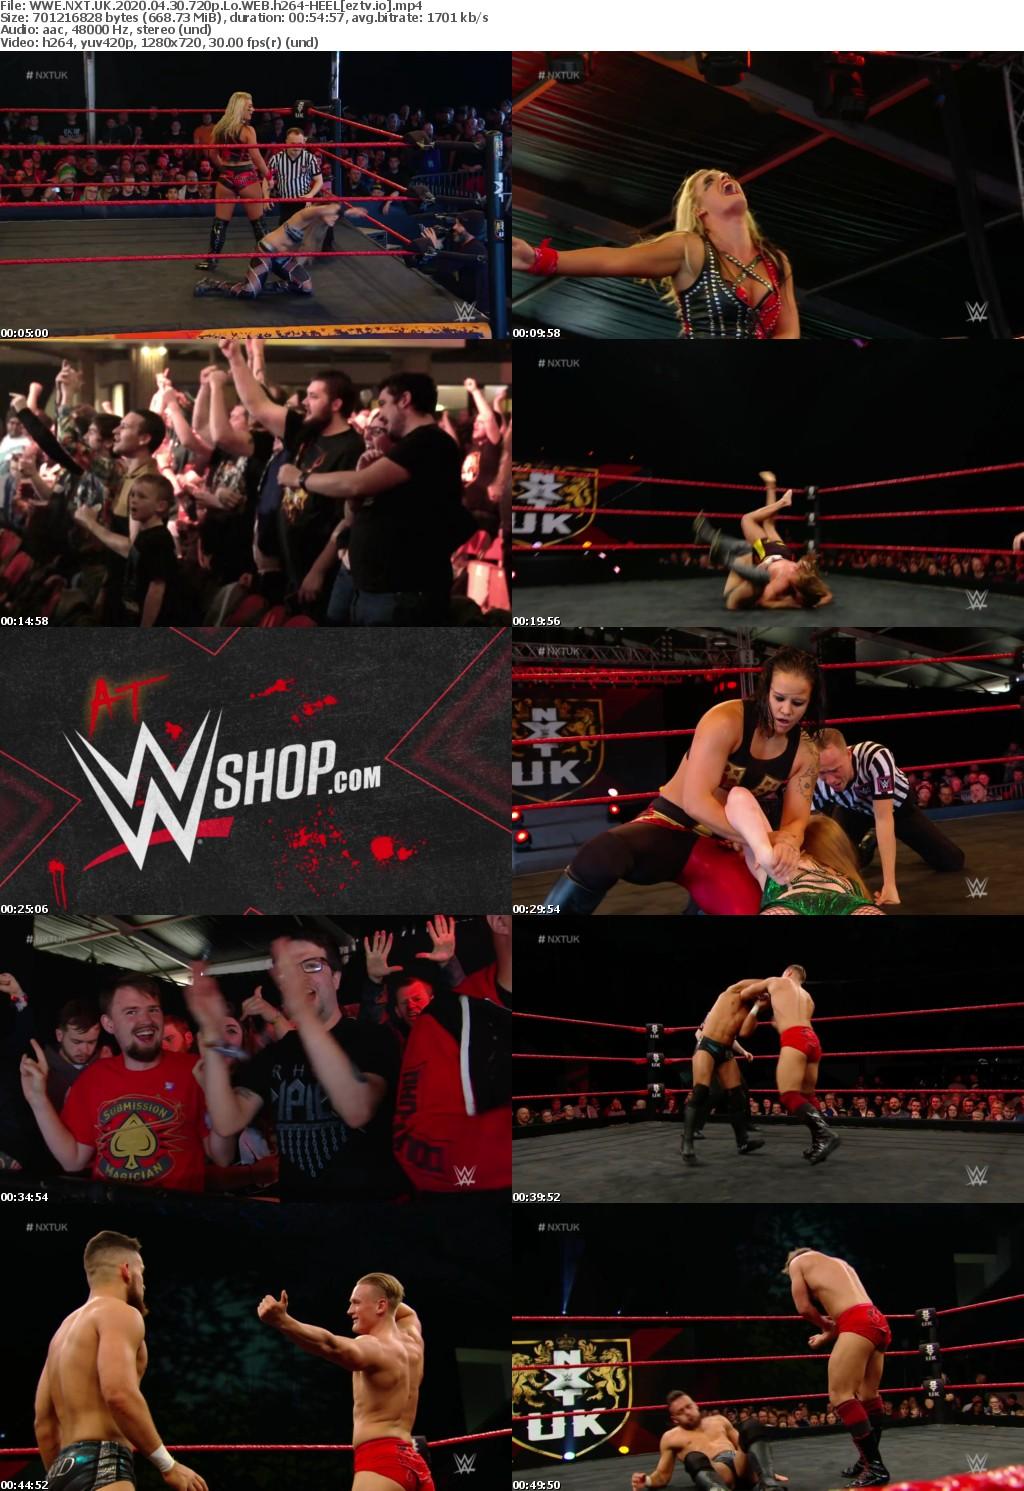 WWE NXT UK 2020 04 30 720p Lo WEB h264-HEEL